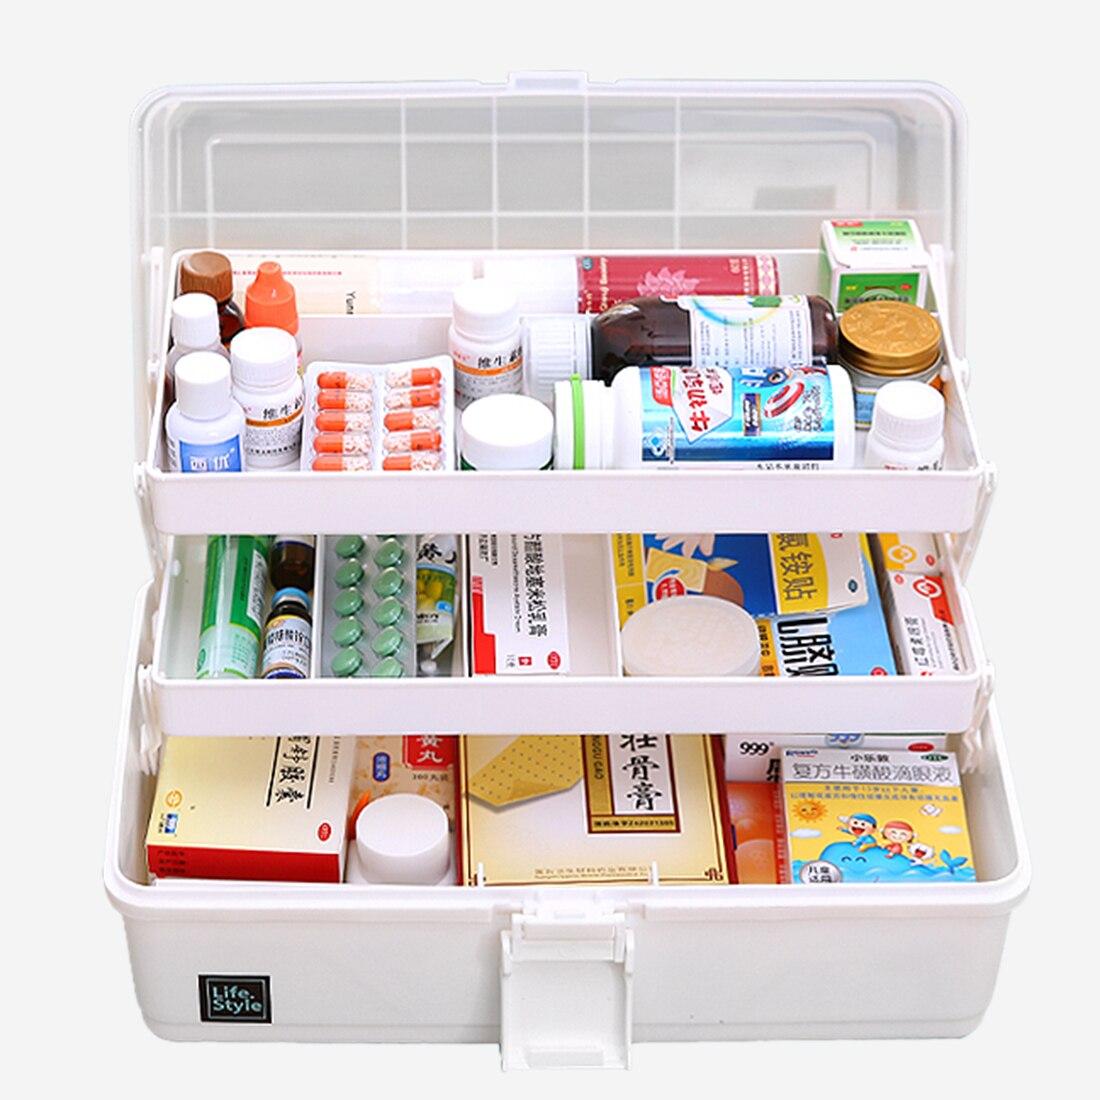 Kit de Primeiros Socorros casa Multi-Camada de Grandes Dimensões Caixas De Armazenamento Caixas De Medicina Gabinete Medicina Armazenamento Organizador Container Caixa de 2019